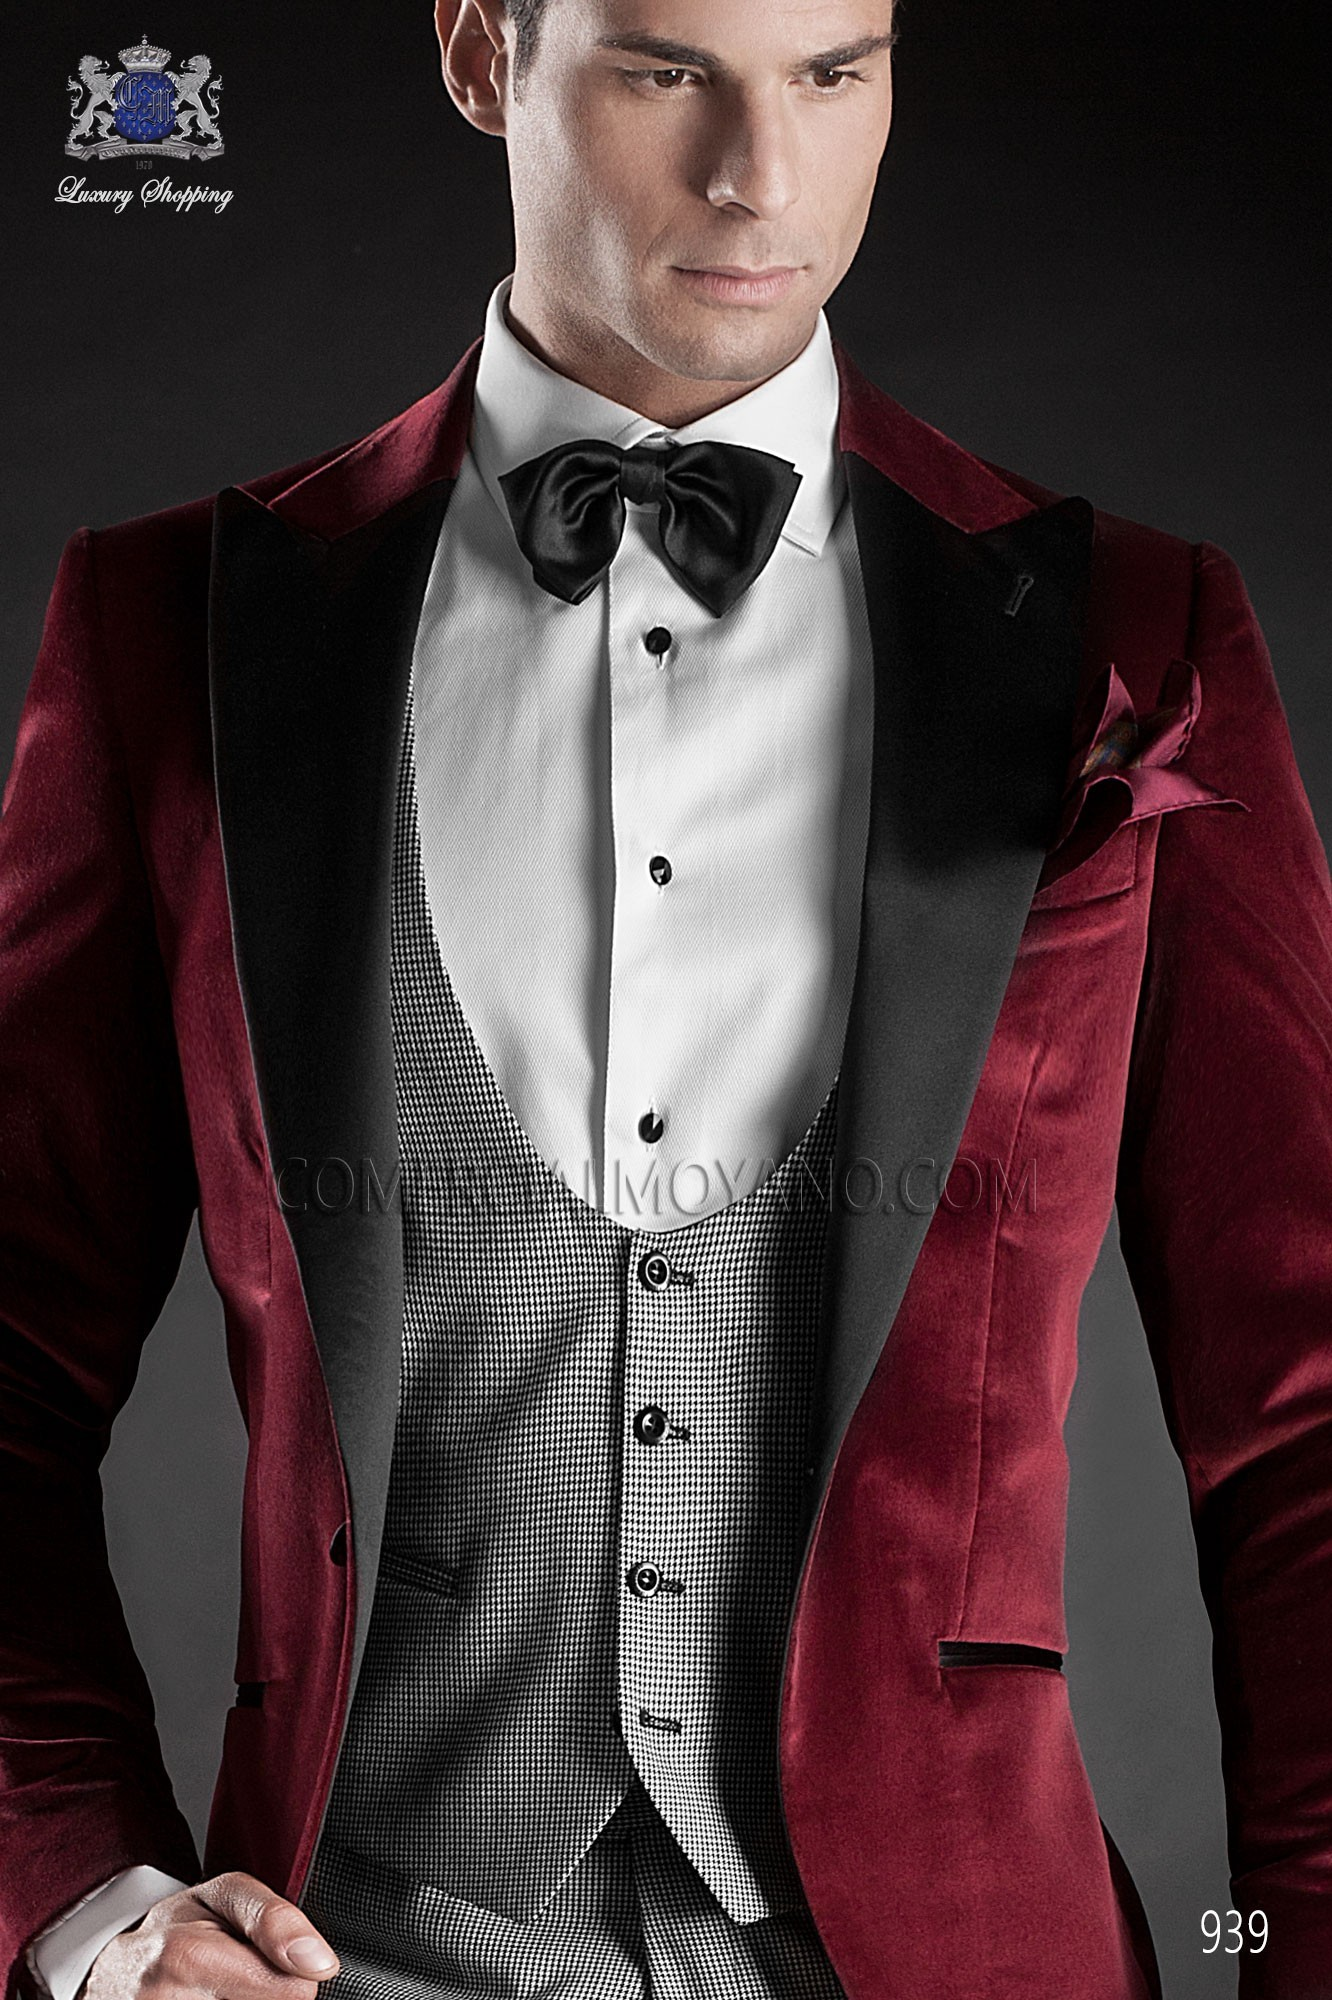 Italian Blacktie Red Men Wedding Suit Model 939 Ottavio Nuccio Gala Black Tie Collection